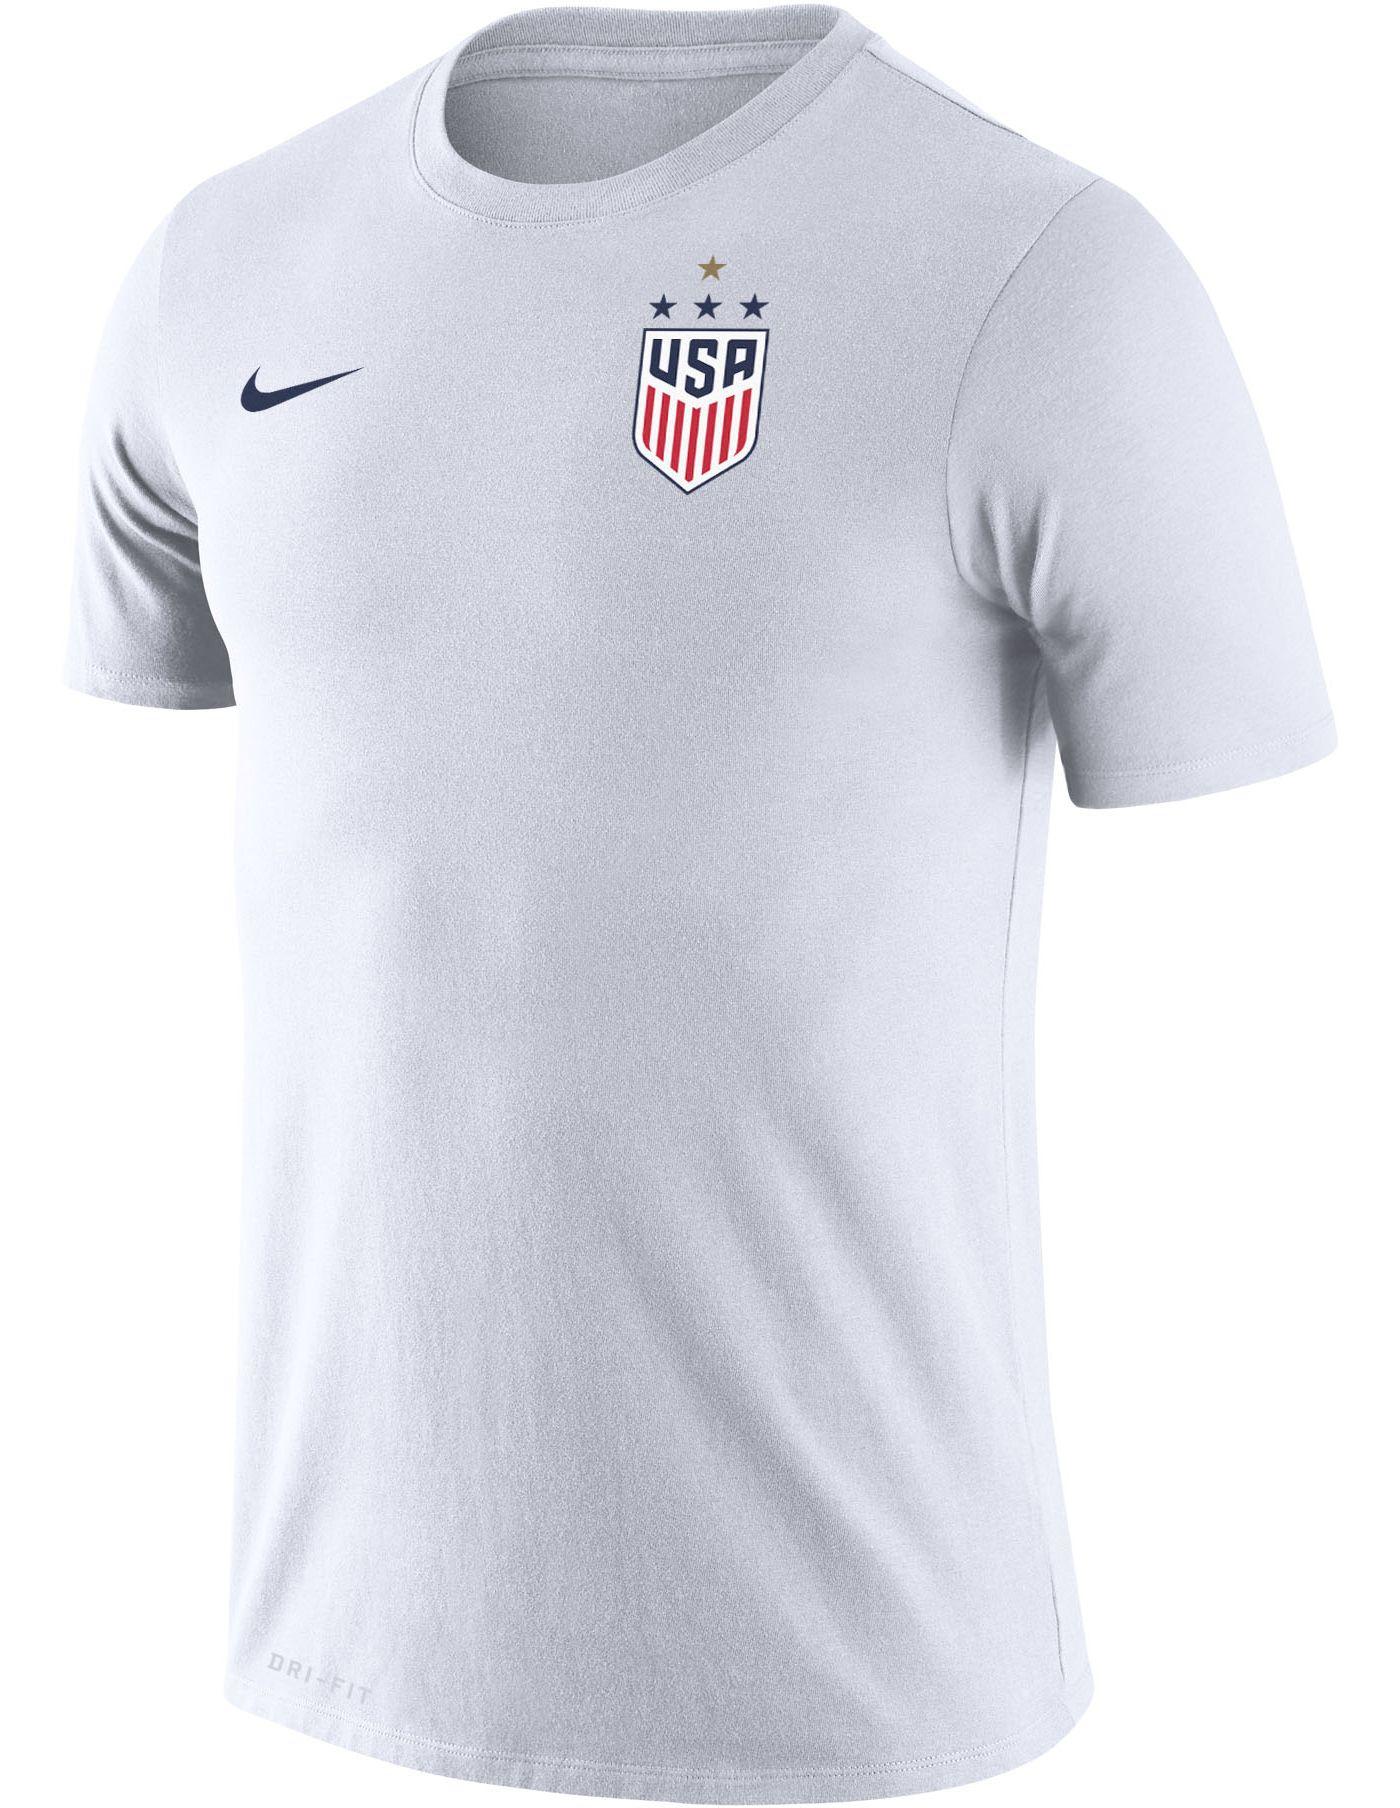 Nike Men's USA Soccer 4-Star Crest Legend White T-Shirt